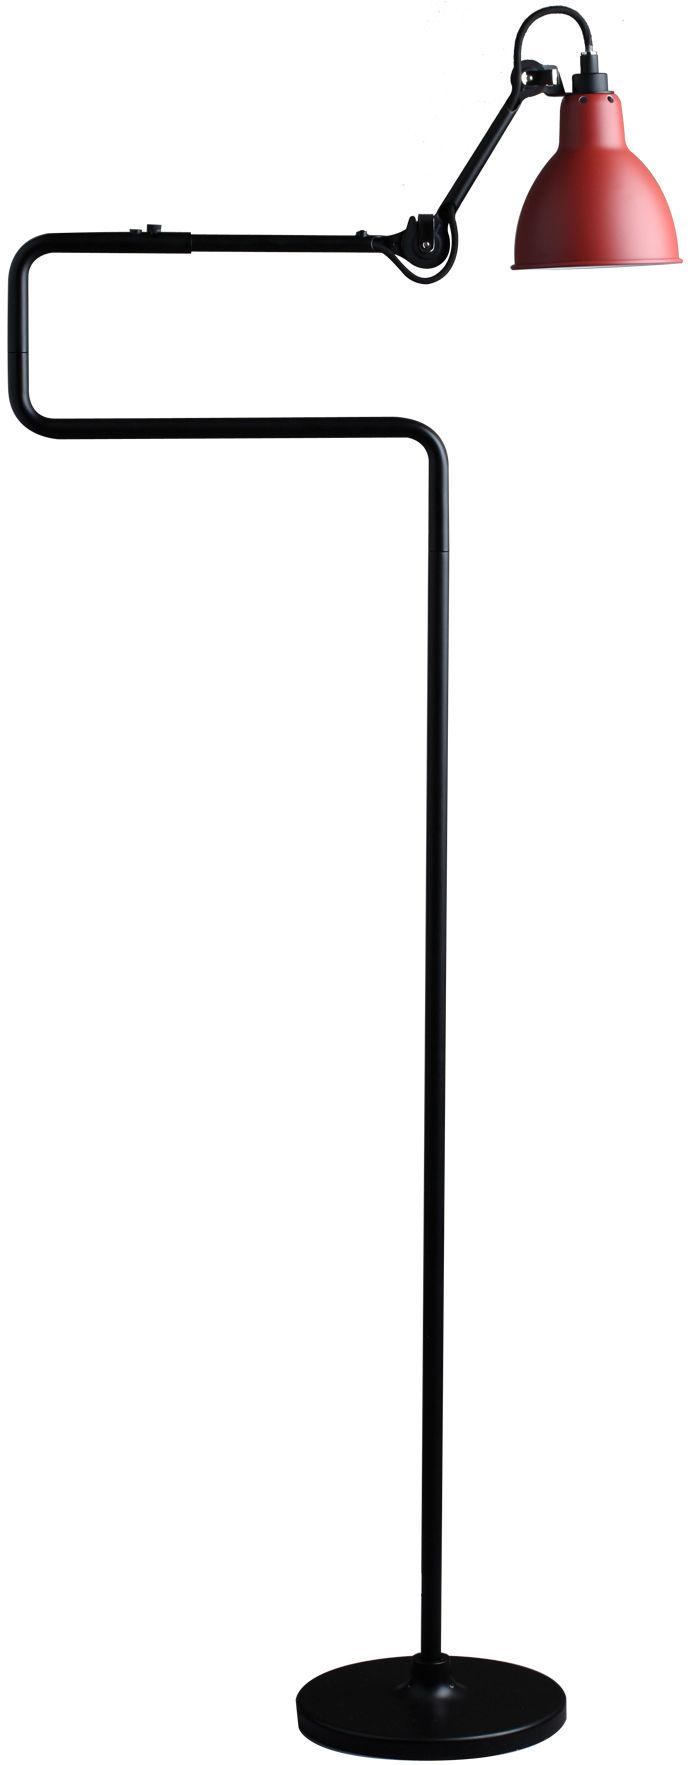 Leuchten - Stehleuchten - N°411 Leseleuchte / H 138 cm - DCW éditions - Lampenschirm rot / Halterung und Arm schwarz - Stahl